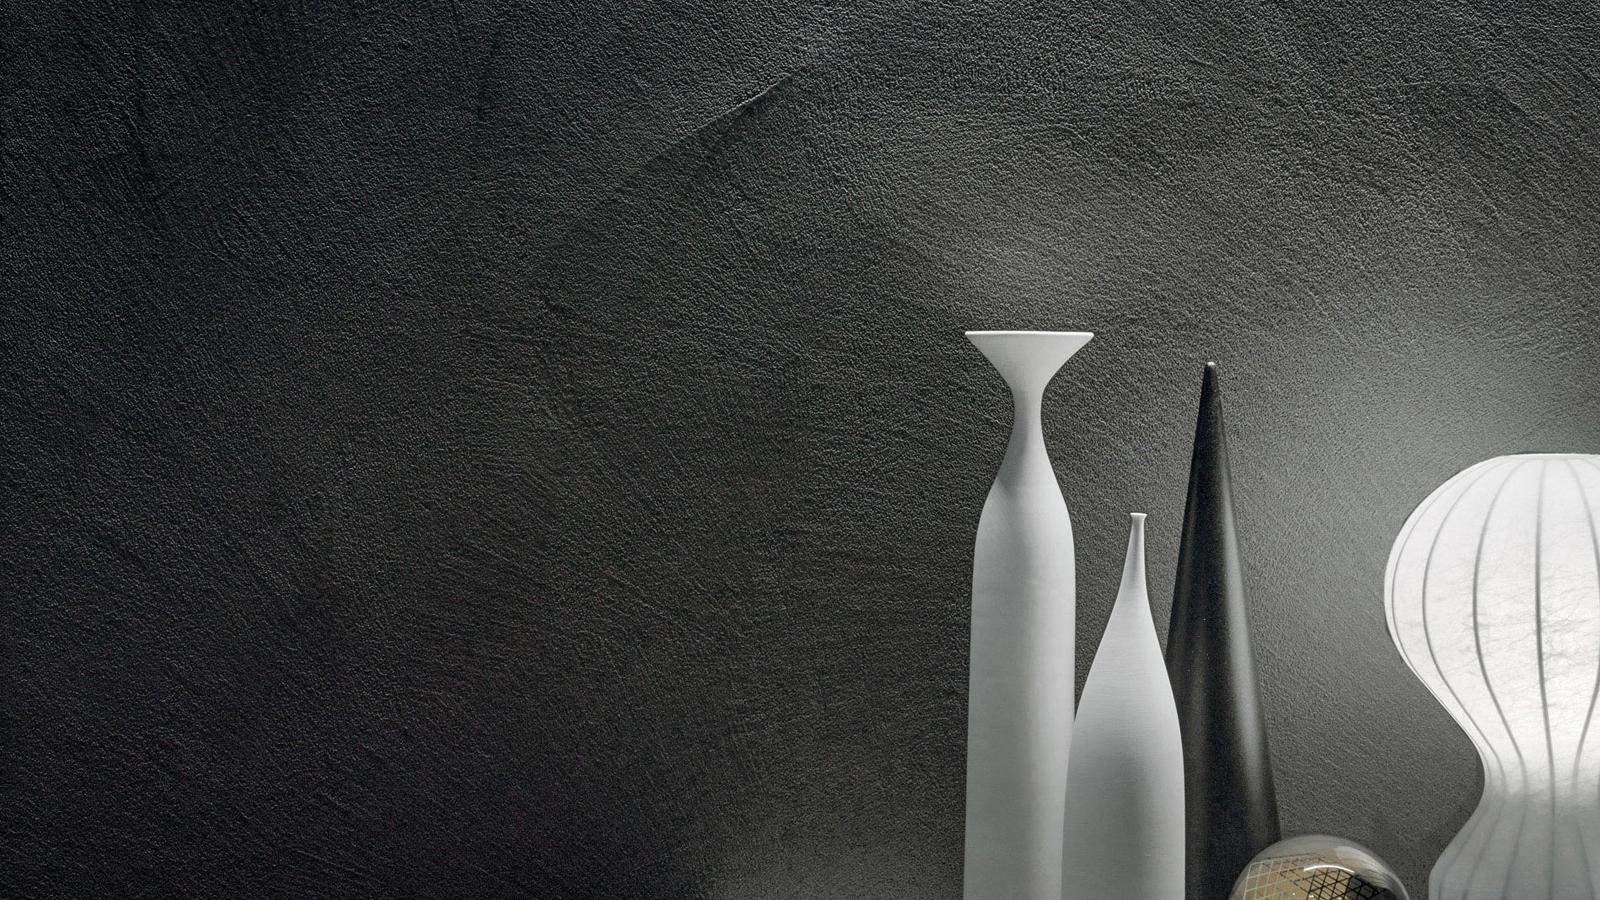 A Patina betonhatása indusztriális falakkal ajándékozza meg az enteriőrt. Visszafogott, mégis látványos jelenség, mely modern, de akár klasszikus beütésű terekben is meggyőzőnek bizonyul. A jól levegőző, bakteriosztatikus vakolat hosszú évtizedeken át szolgálhatja a háló, étkező vagy nappali használóit.